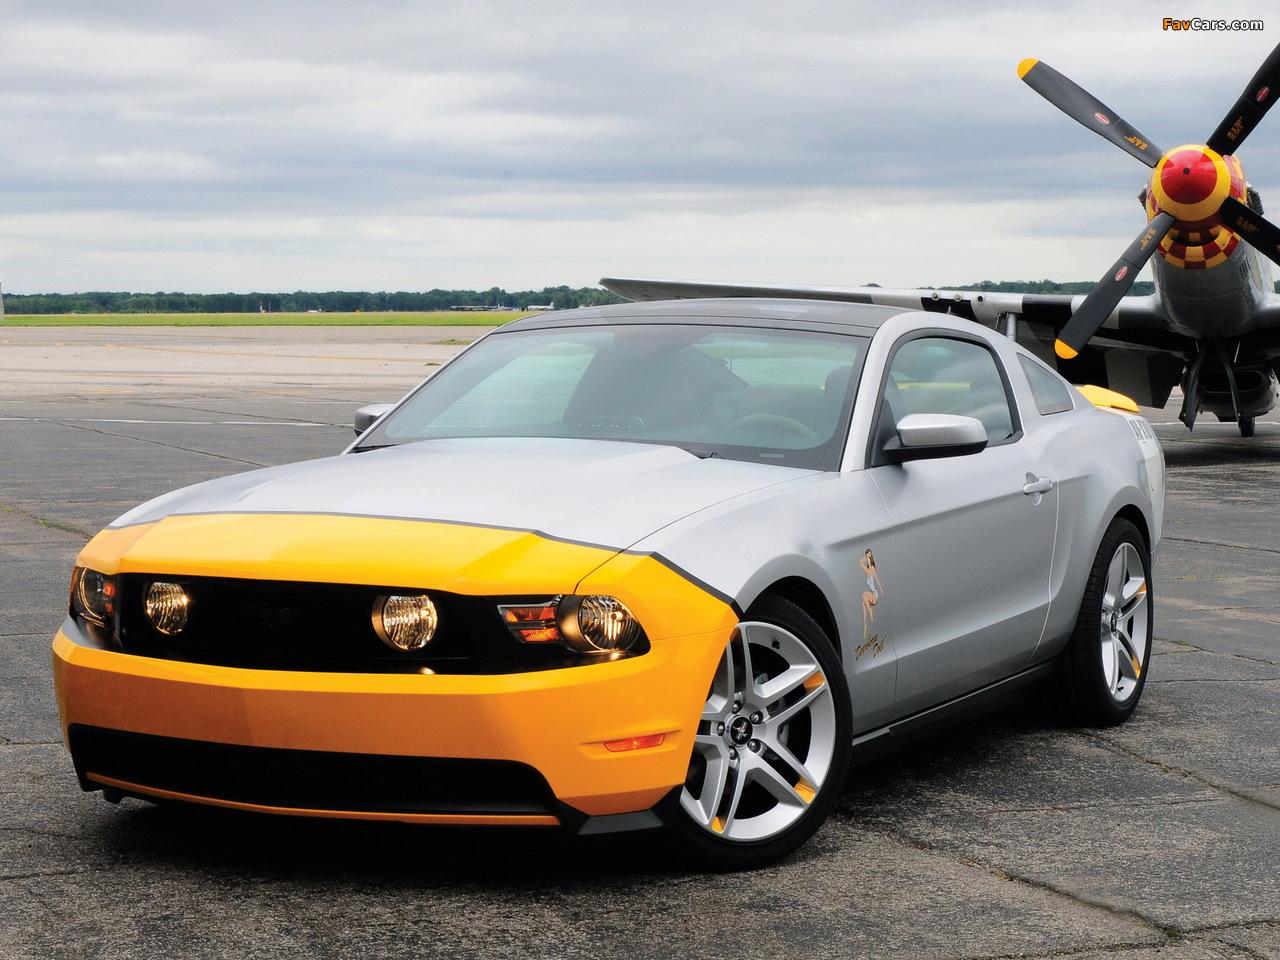 Mustang AV-X10 Dearborn Doll 2009 photos (1280 x 960)